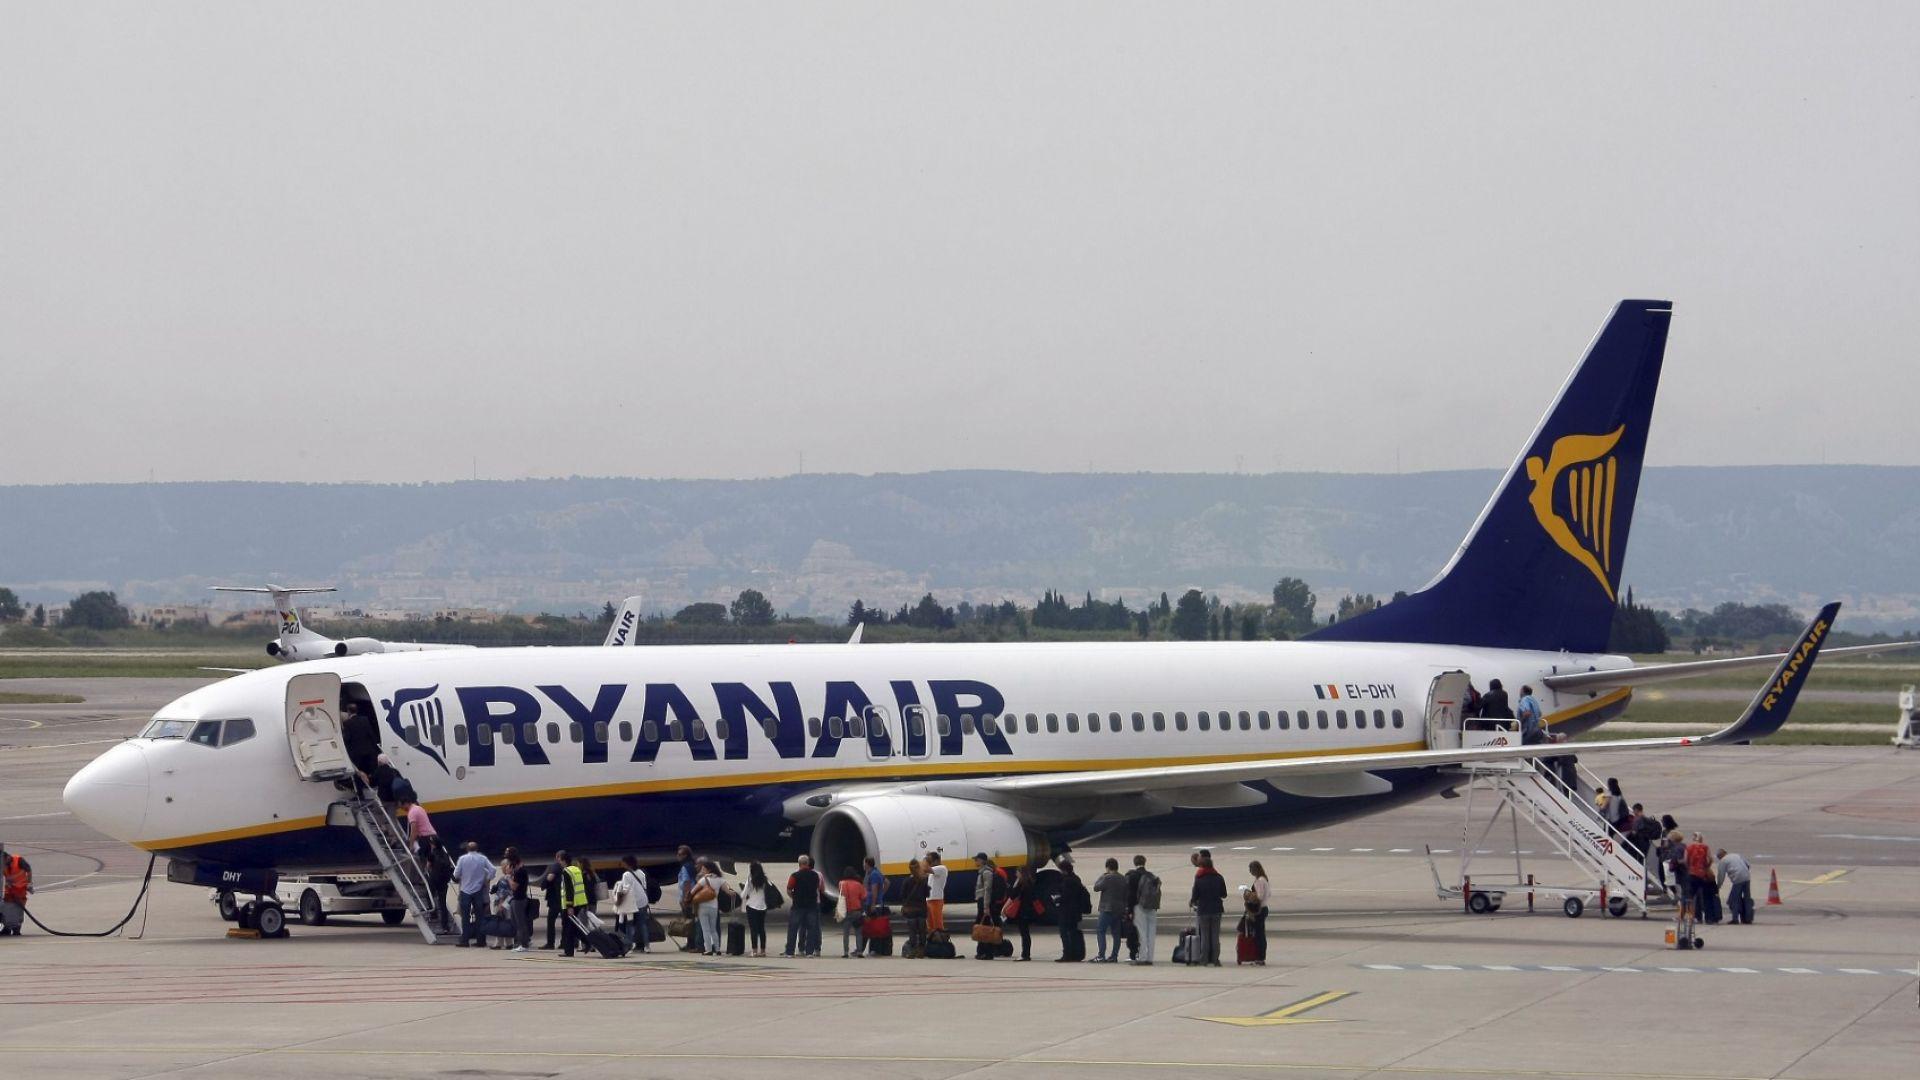 Райънеър с подобрени резултати, въпреки проблемите с 737 МАКС